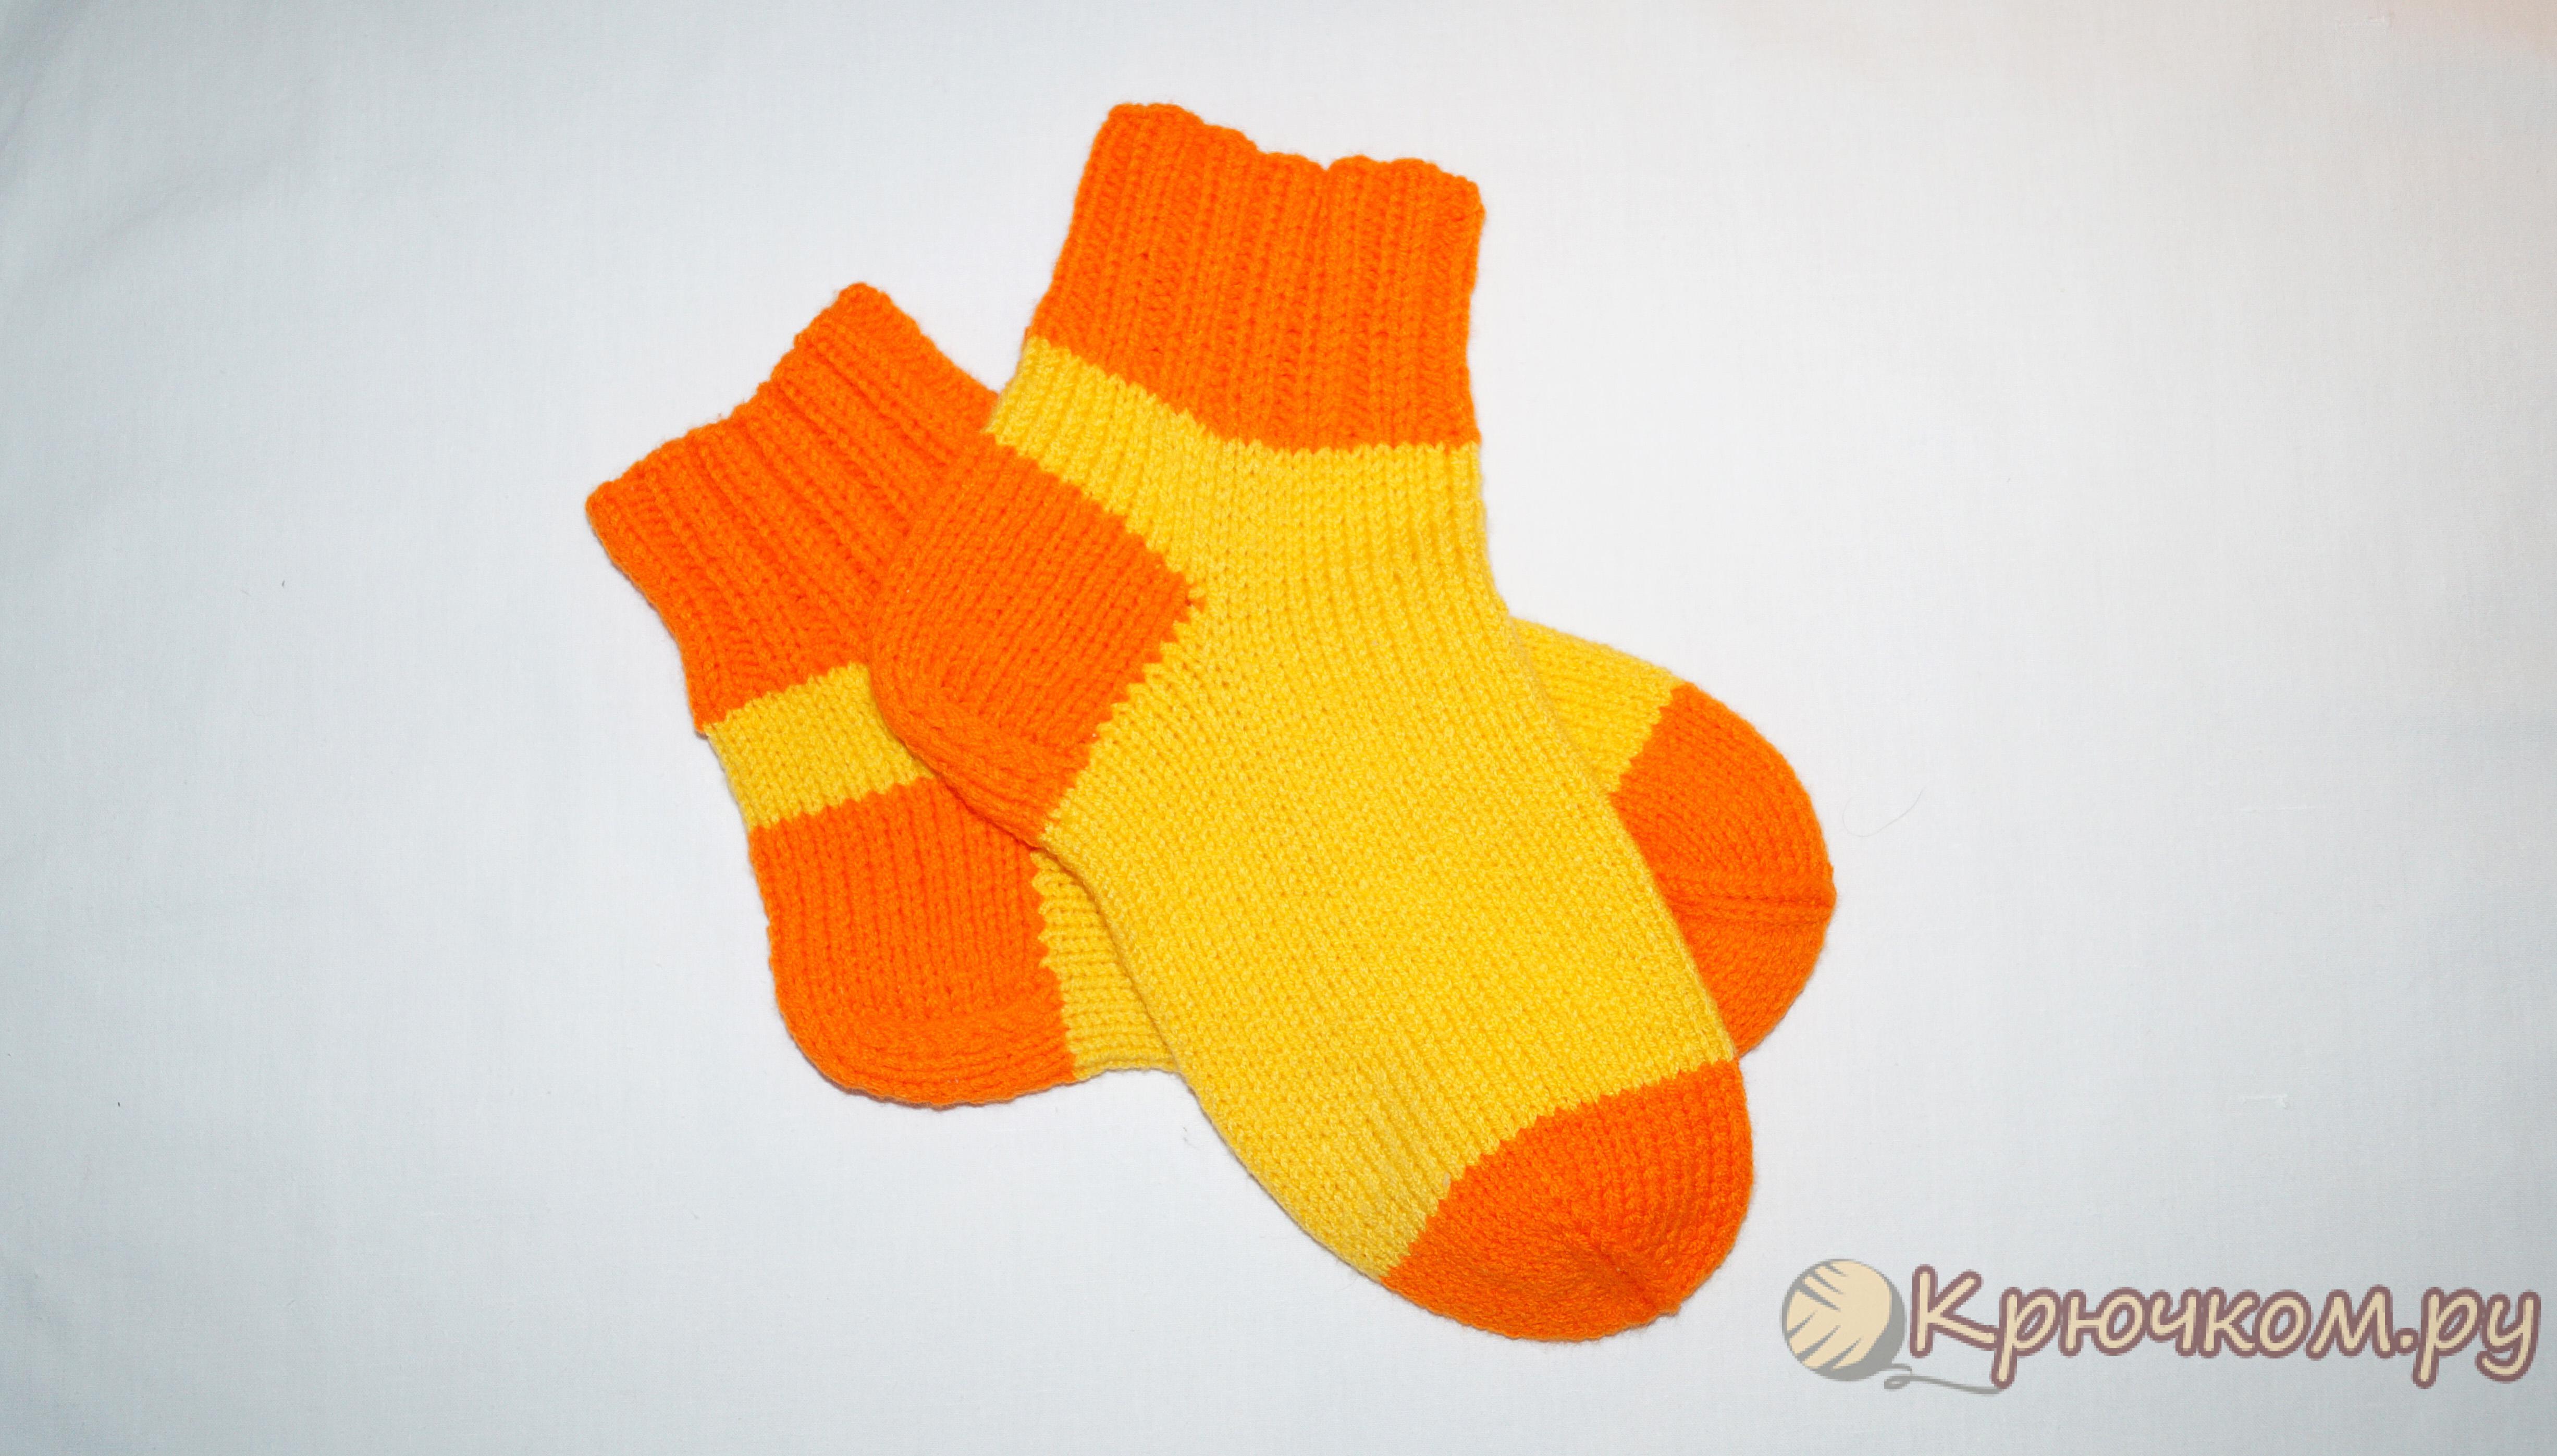 -носки-спицами Как вязать носки спицами для начинающих: пятью и двумя спицами с видео.